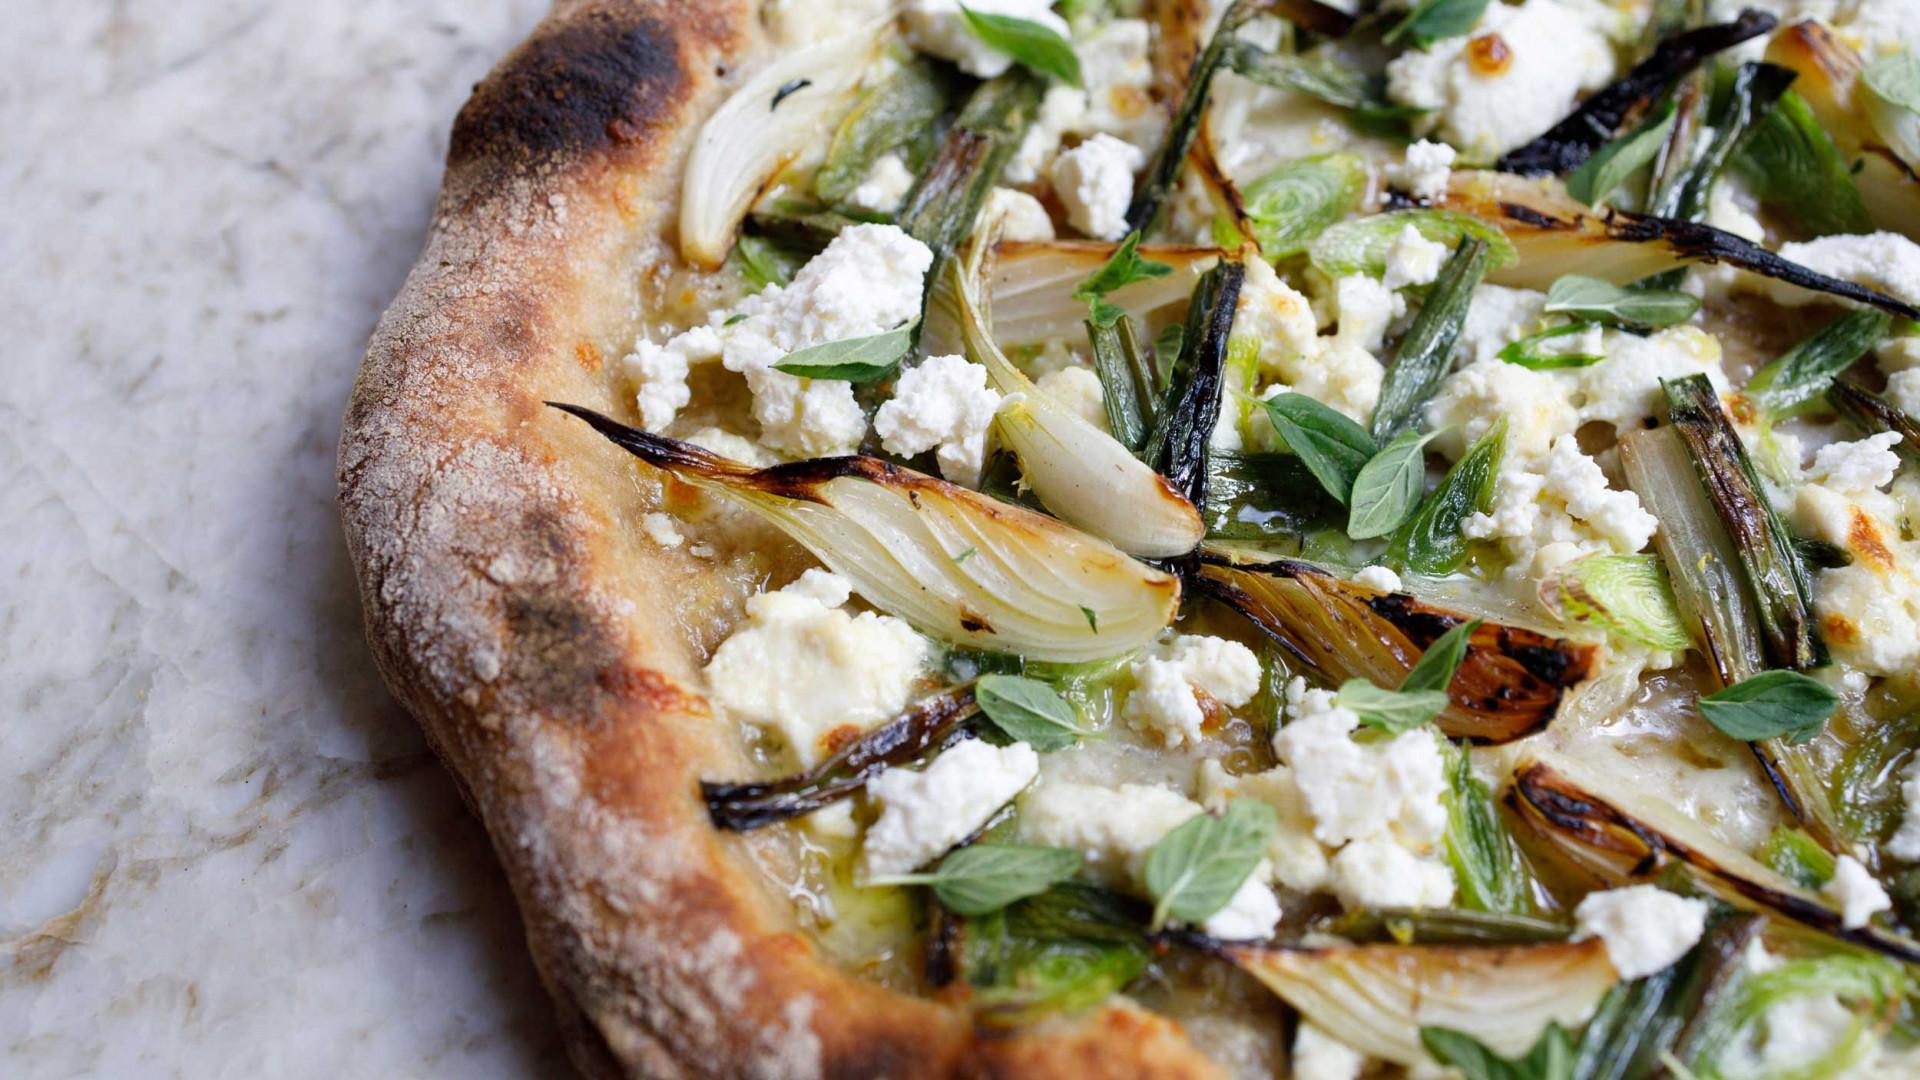 ASAP Pizza's Thanks Shallot pizza